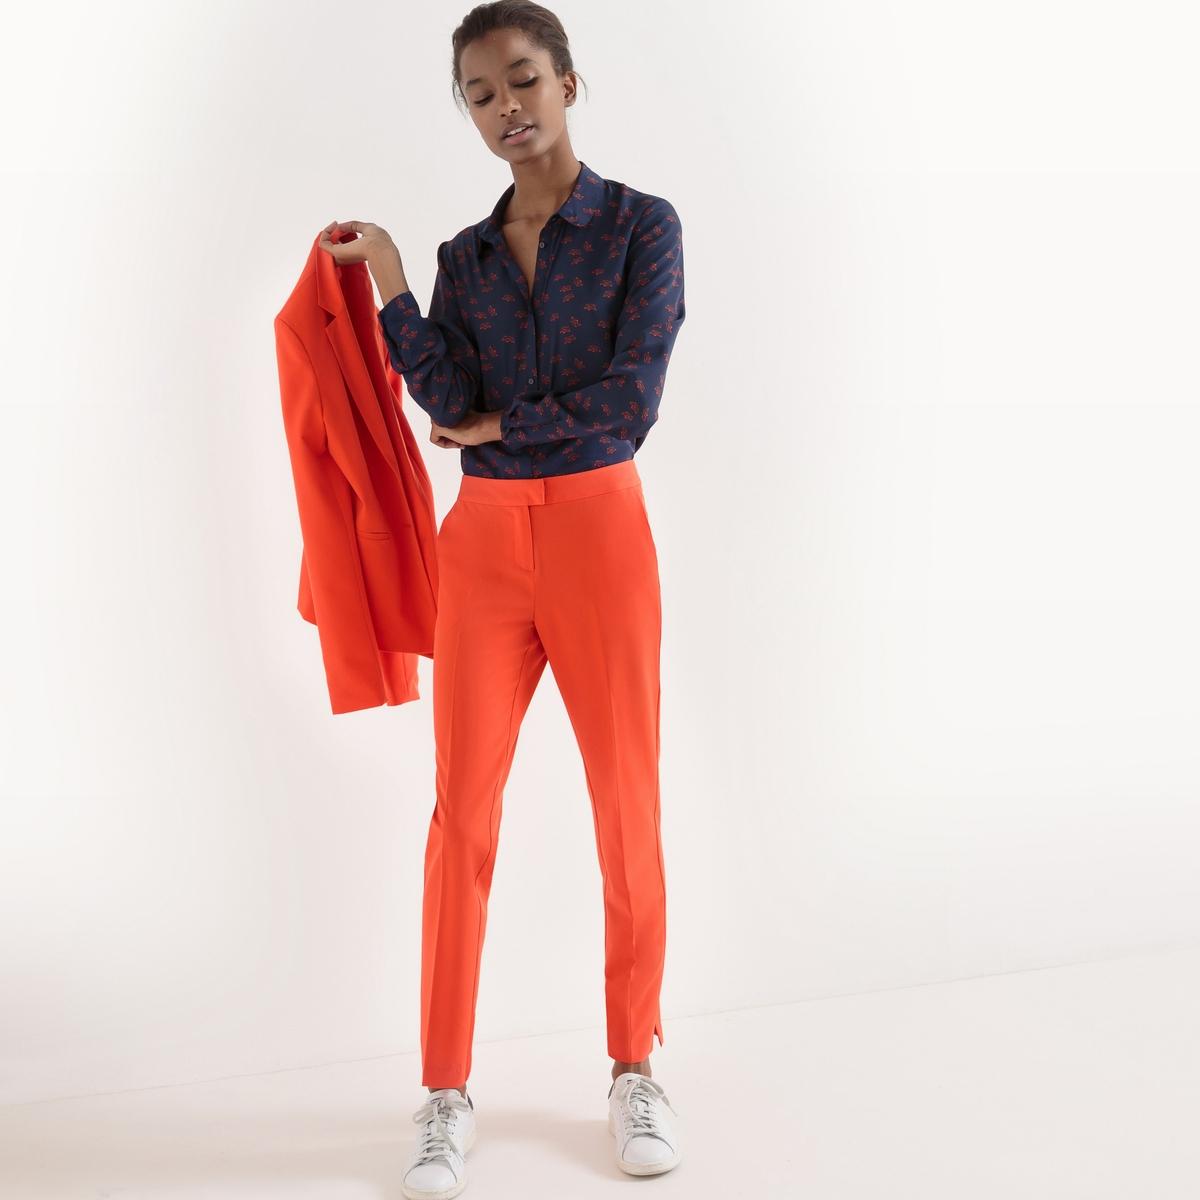 Рубашка прямого покроя из полиэстераДетали  •  Длинные рукава •  Прямой покрой •  Рубашечный воротник-поло •  Рисунок-принтСостав и уход •  100% полиэстер •  Машинная стирка при температуре 30° •  Сухая чистка и отбеливание запрещены   •  Не использовать барабанную сушку  •  Низкая температура глажки<br><br>Цвет: набивной рисунок<br>Размер: 42 (FR) - 48 (RUS)